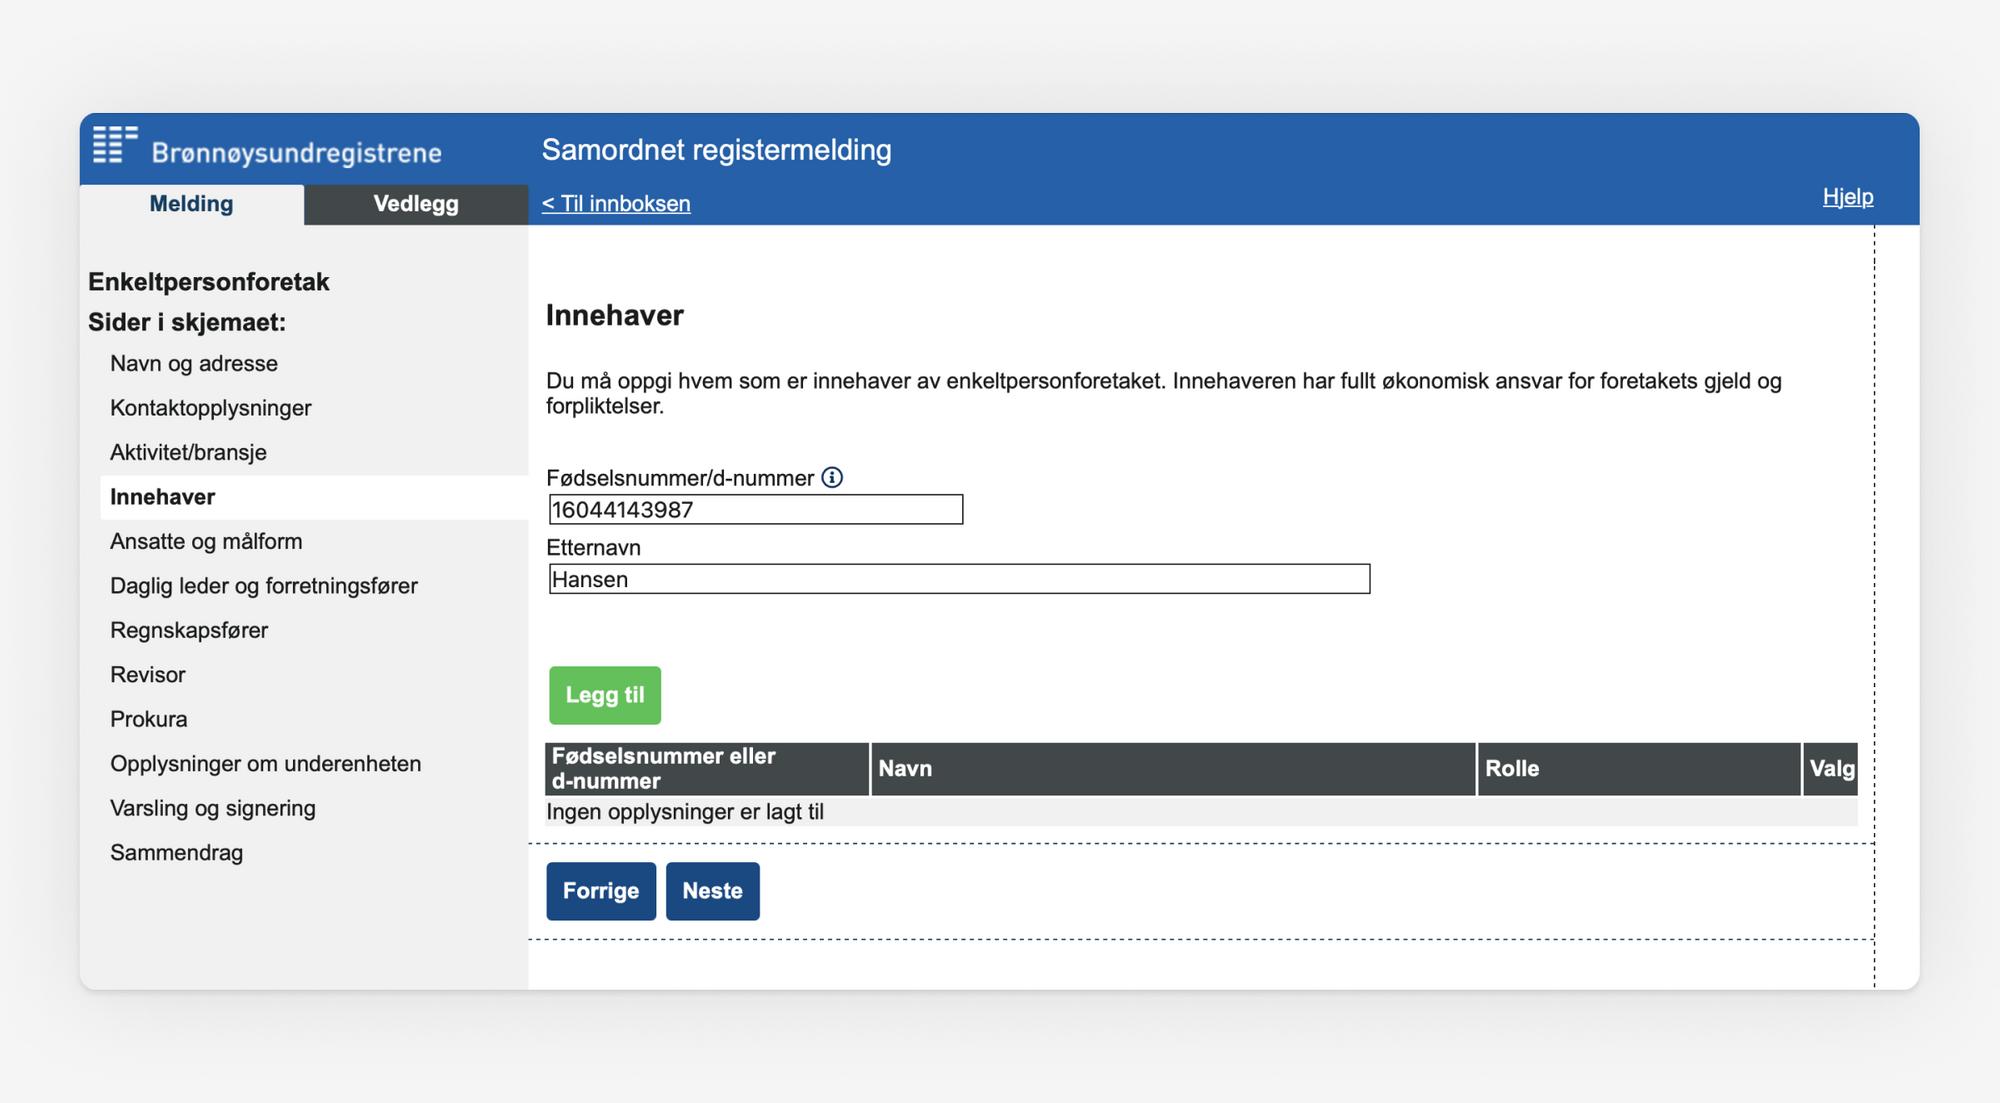 Skjermbilde som viser utfylling av opplysninger om innehaver i Samordnet registermelding